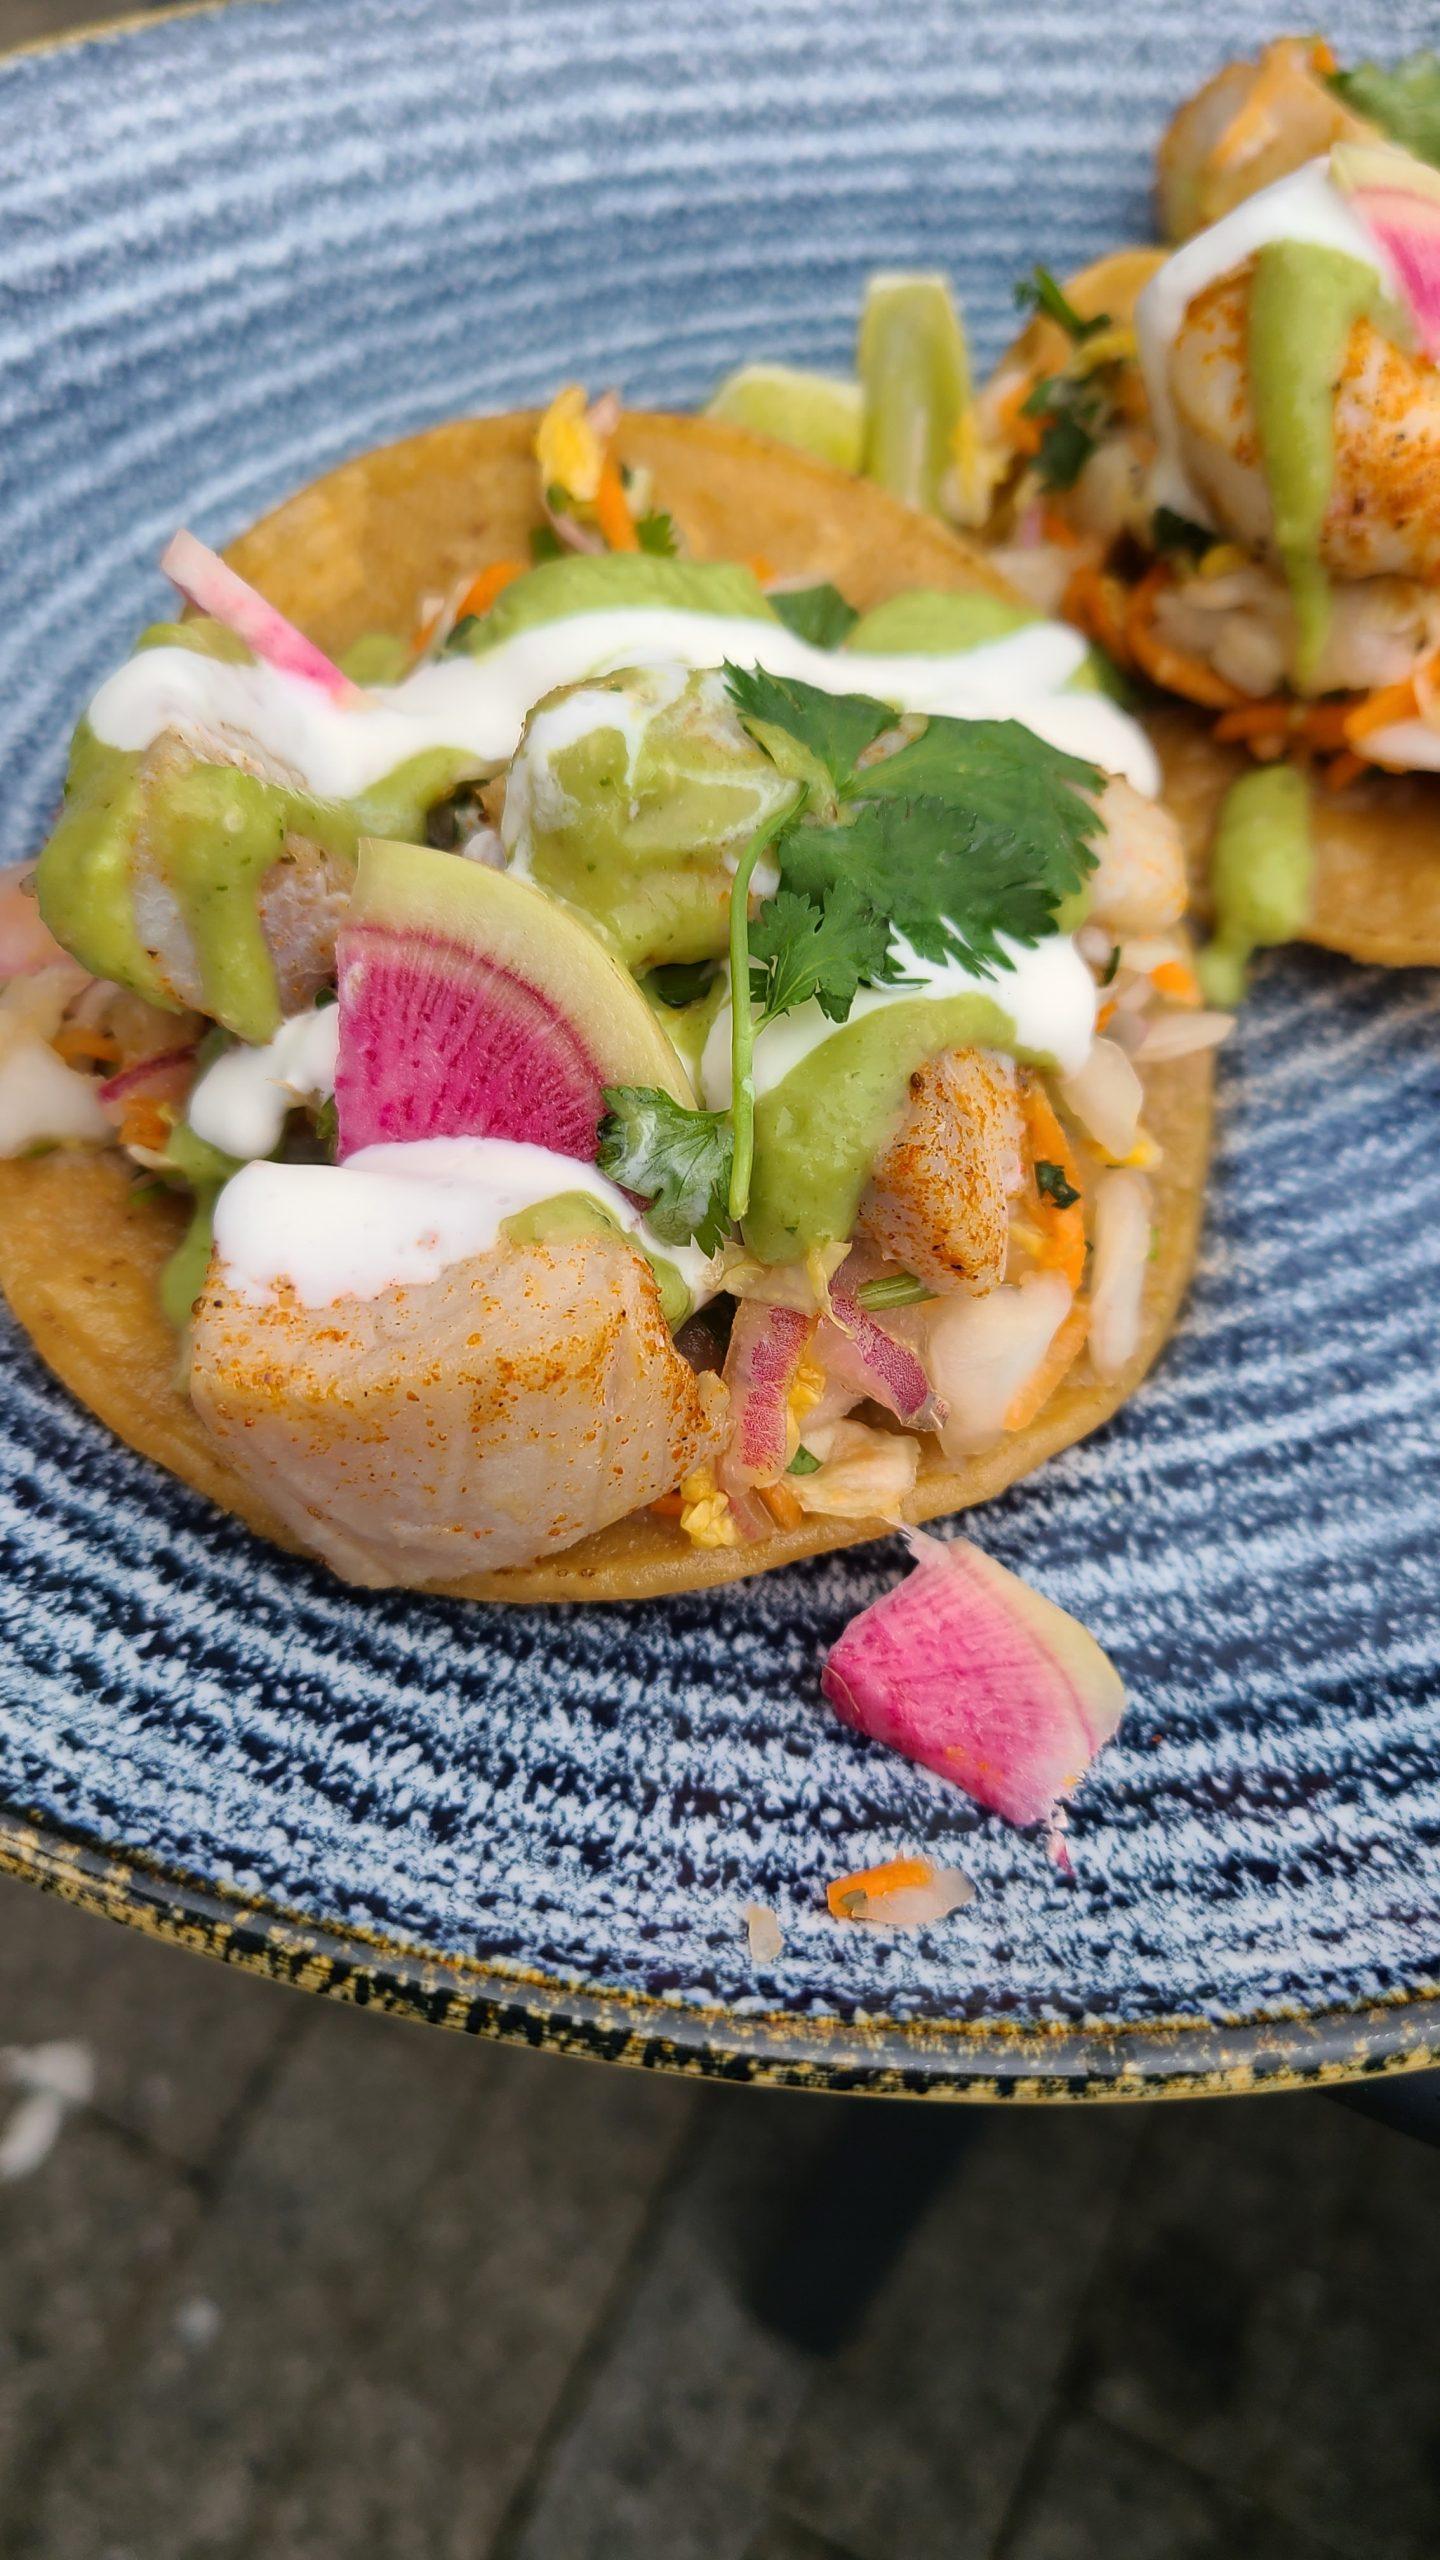 Mahi mahi tostadas with avocado salsa